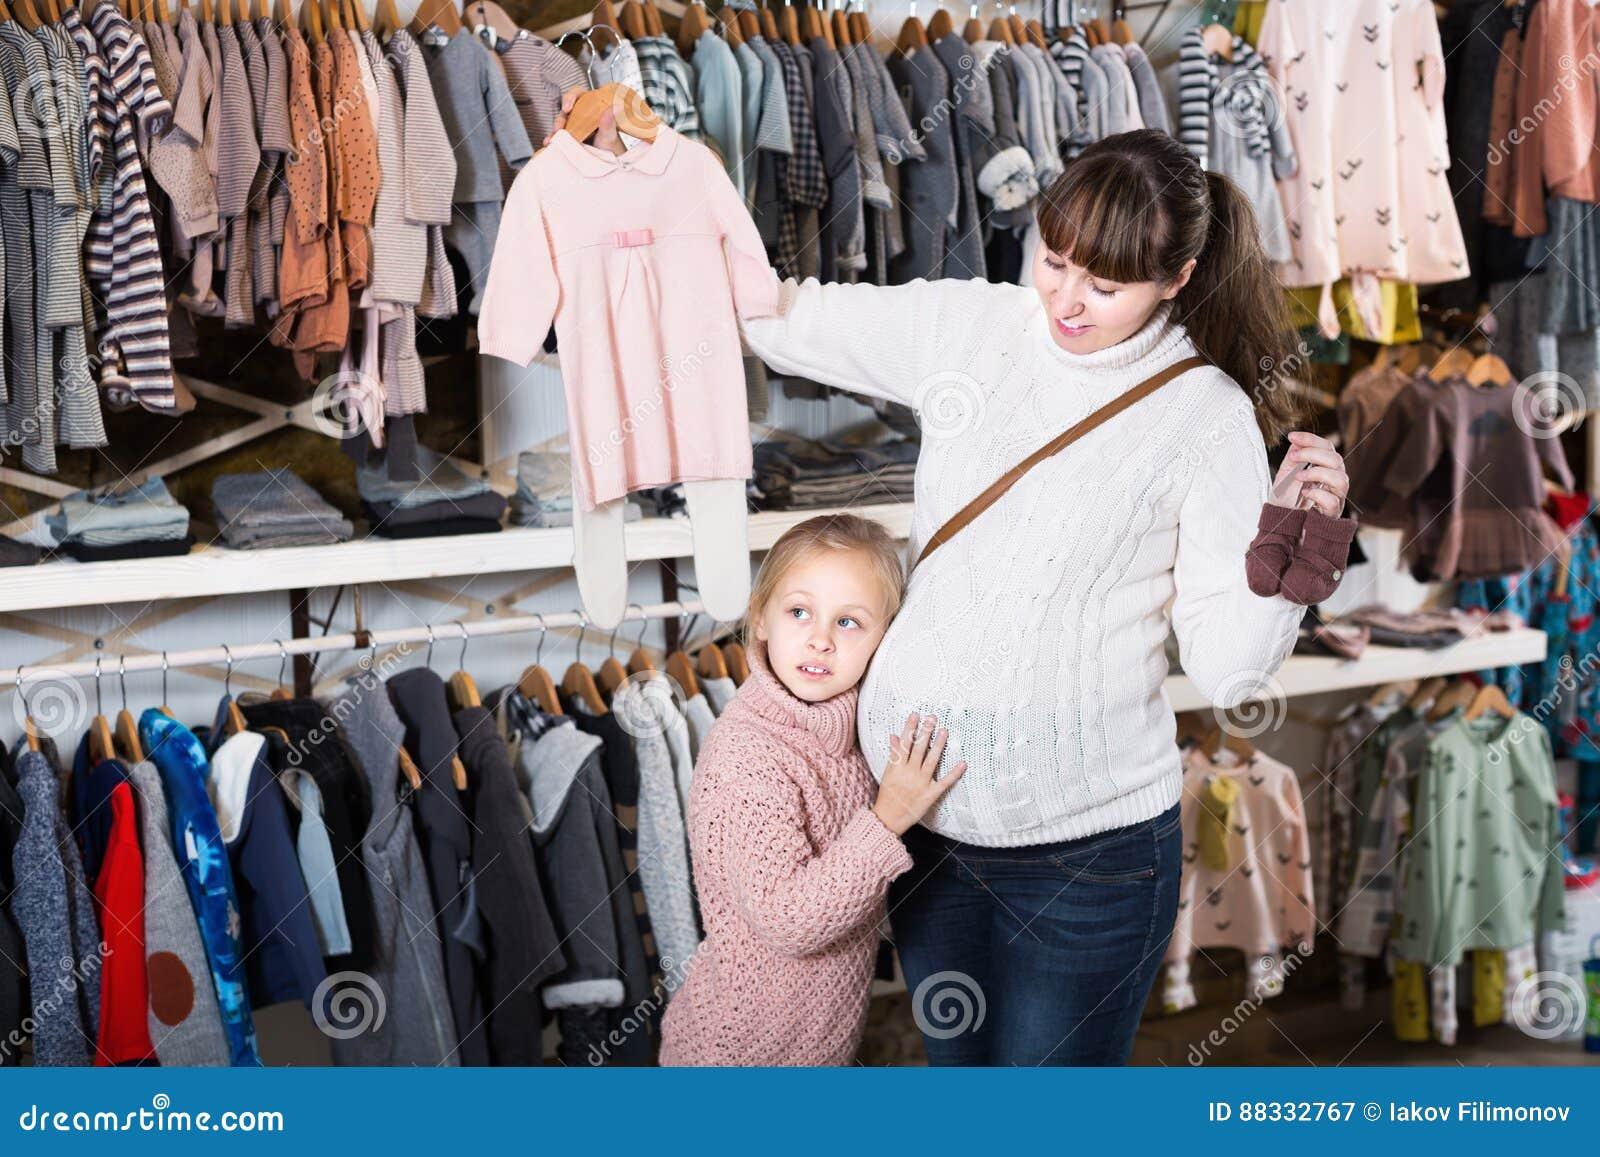 Kleding Zoeken.Vrouw En Kind Die Kleding Zoeken Naar Baby In Winkel Stock